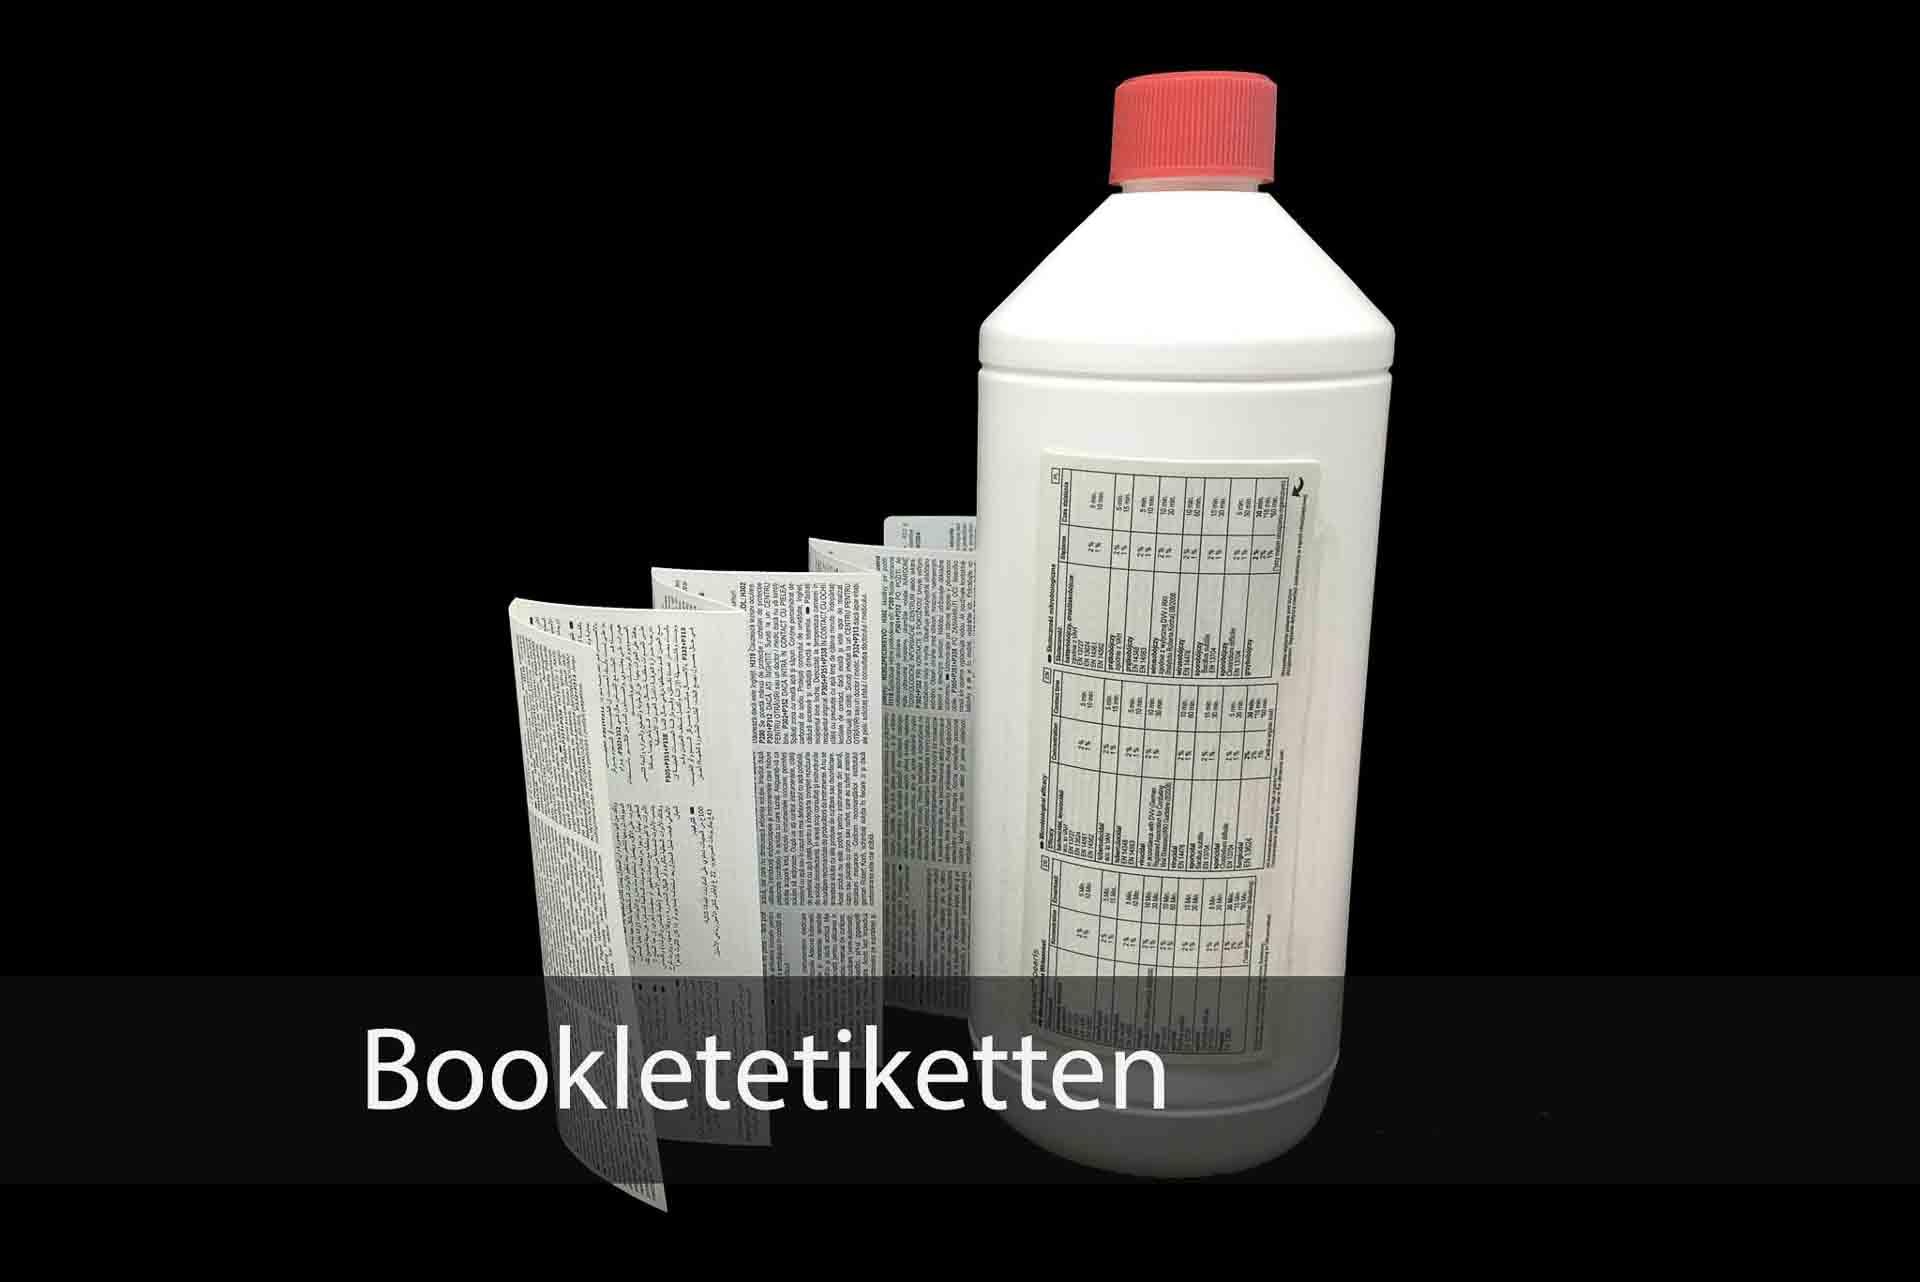 Bookletetiketten | Papier-Schäfer GmbH & Co. KG